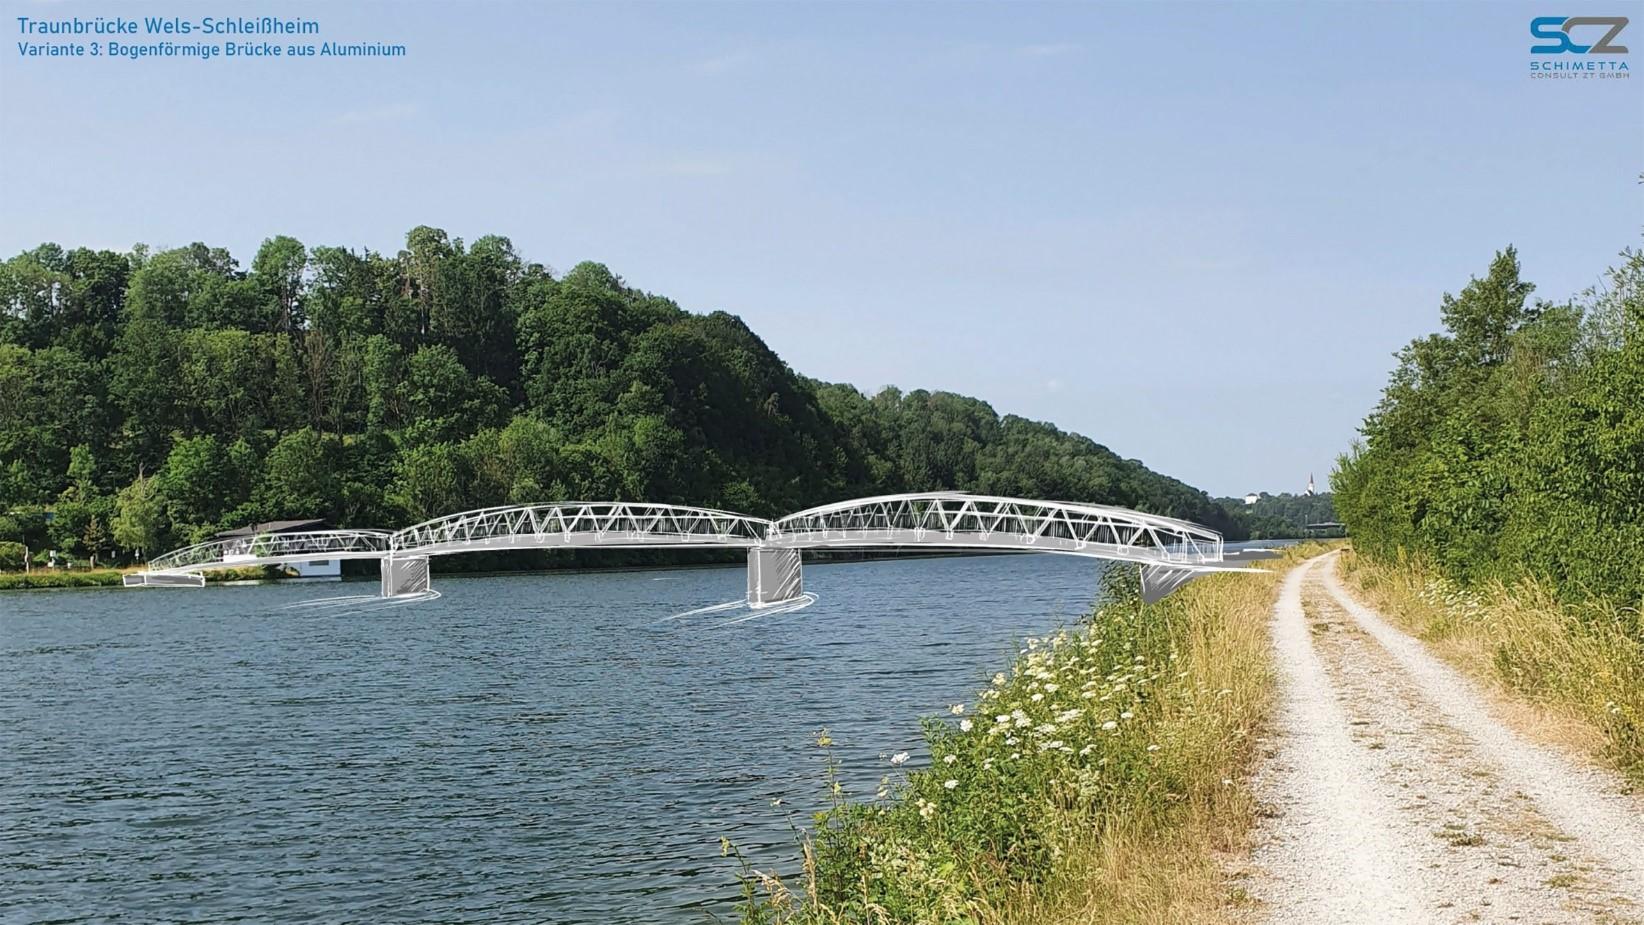 Aluminiumbrücke